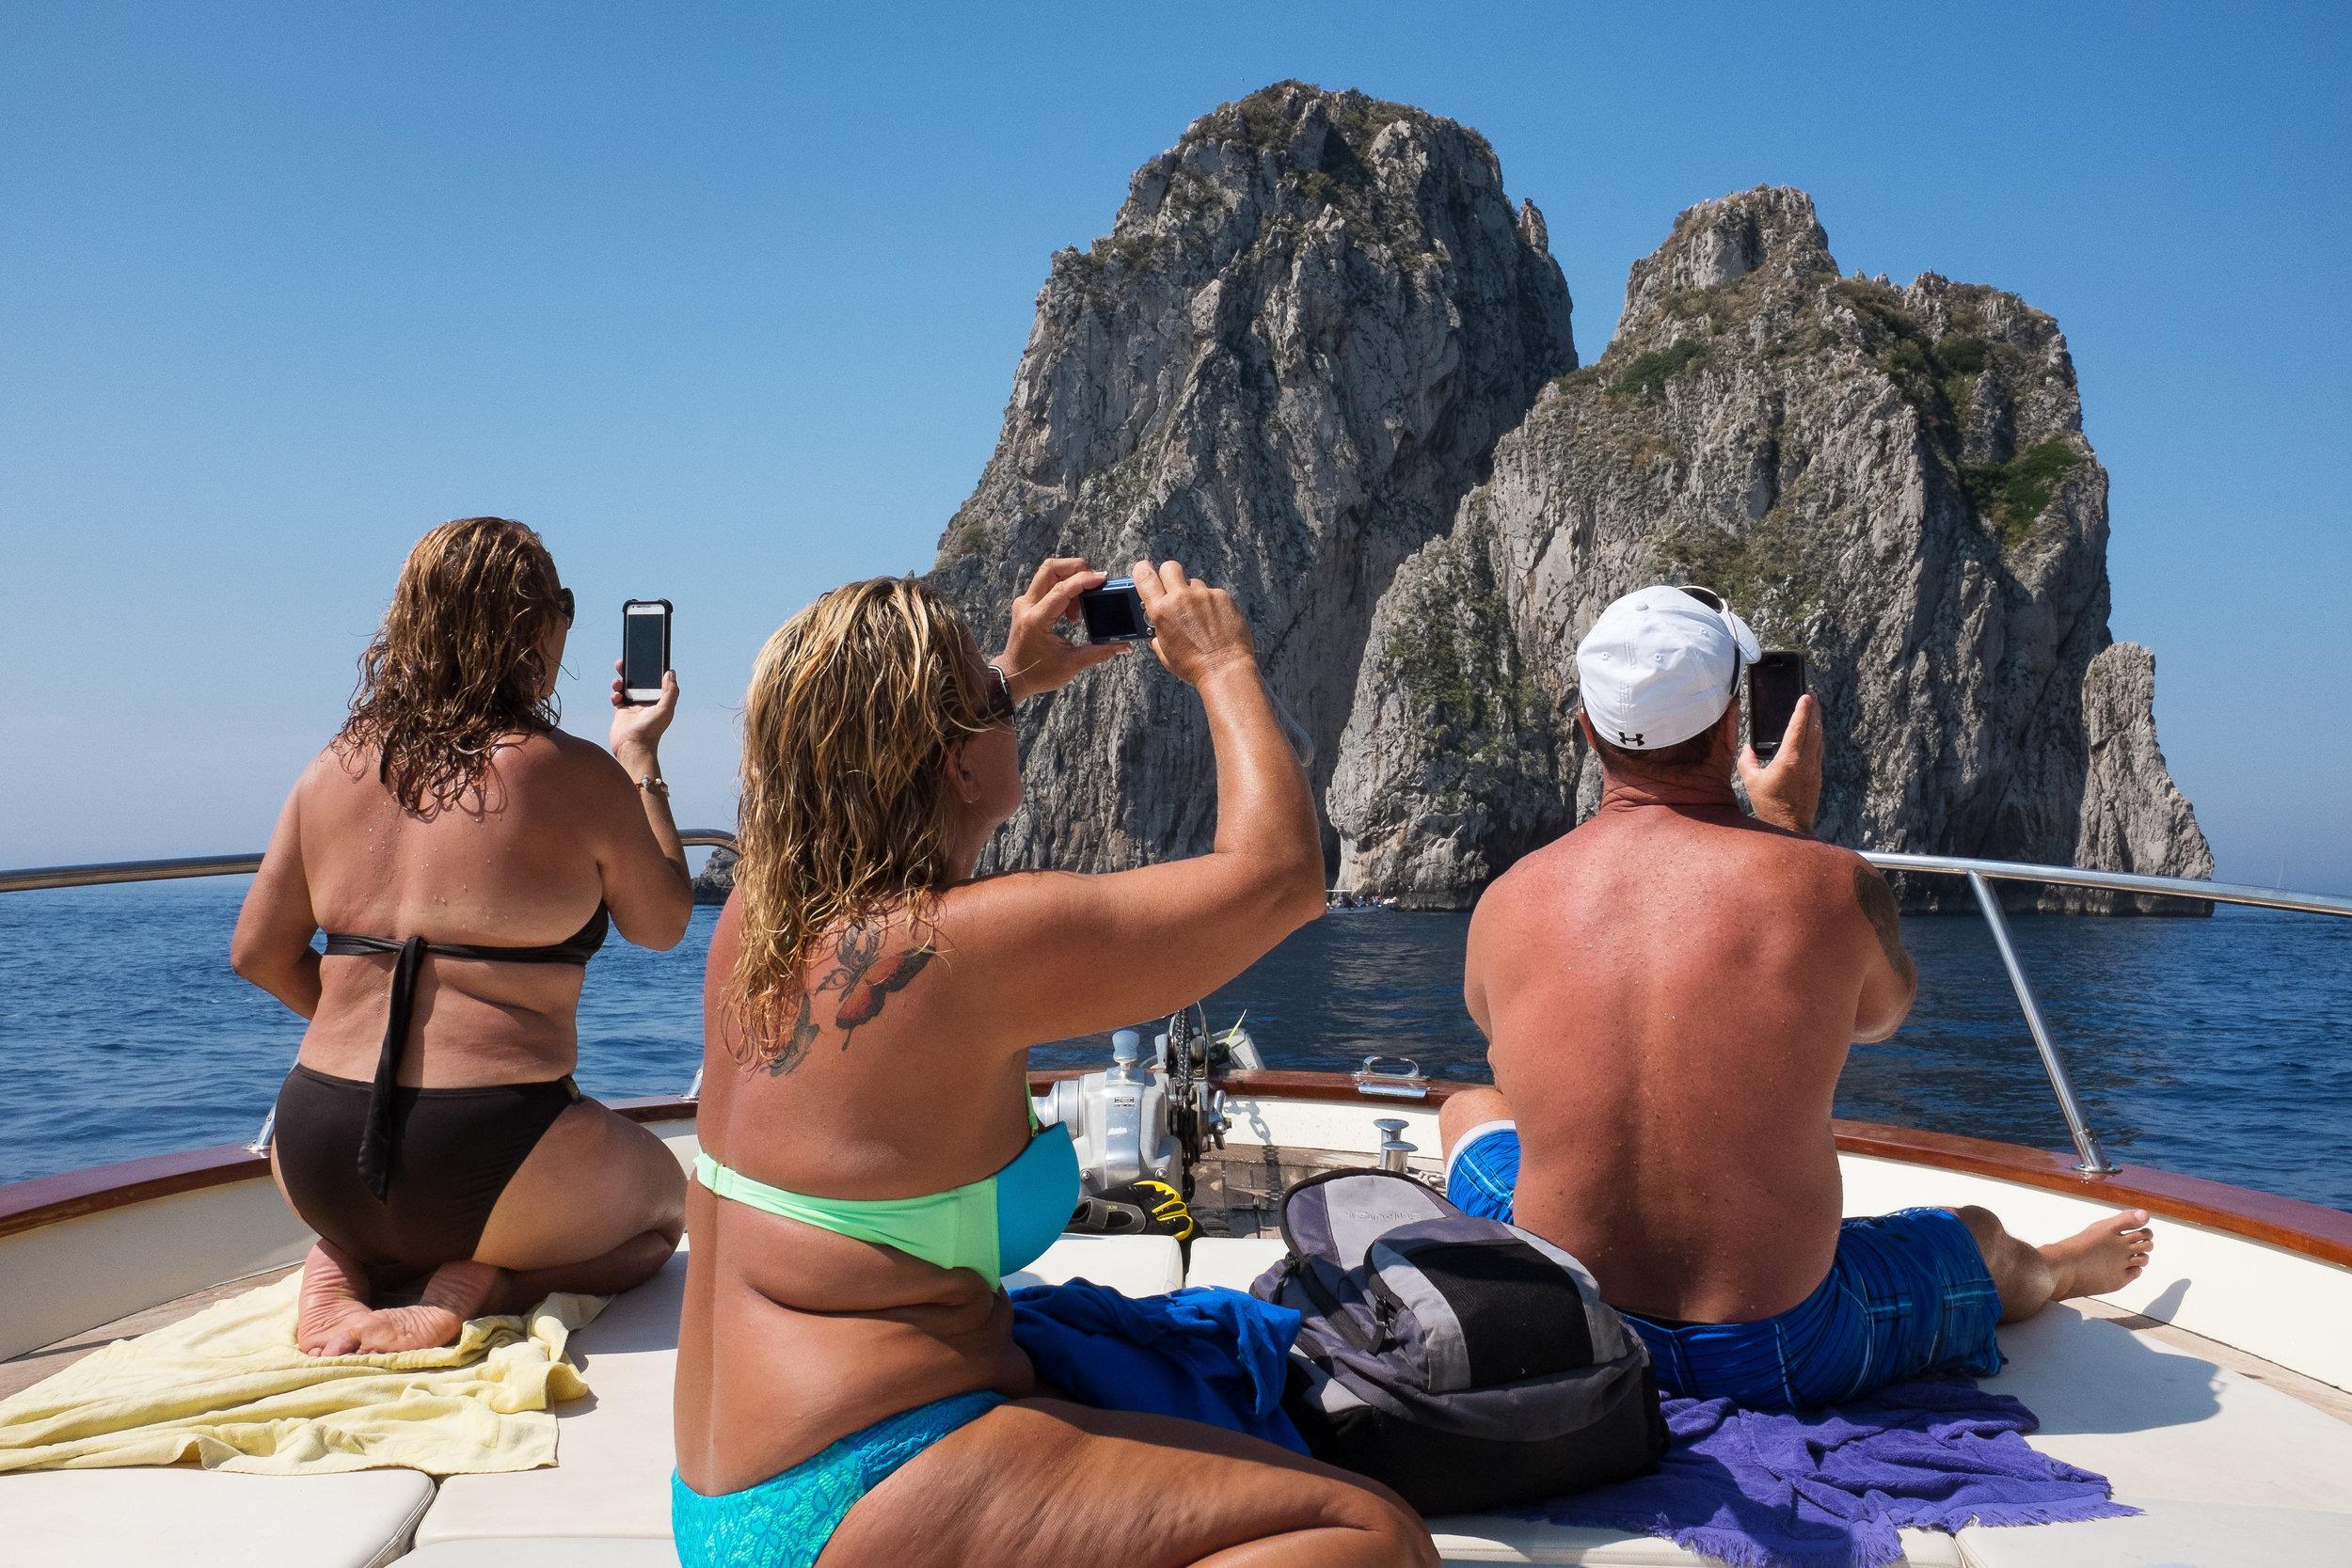 Capri. June, 2013